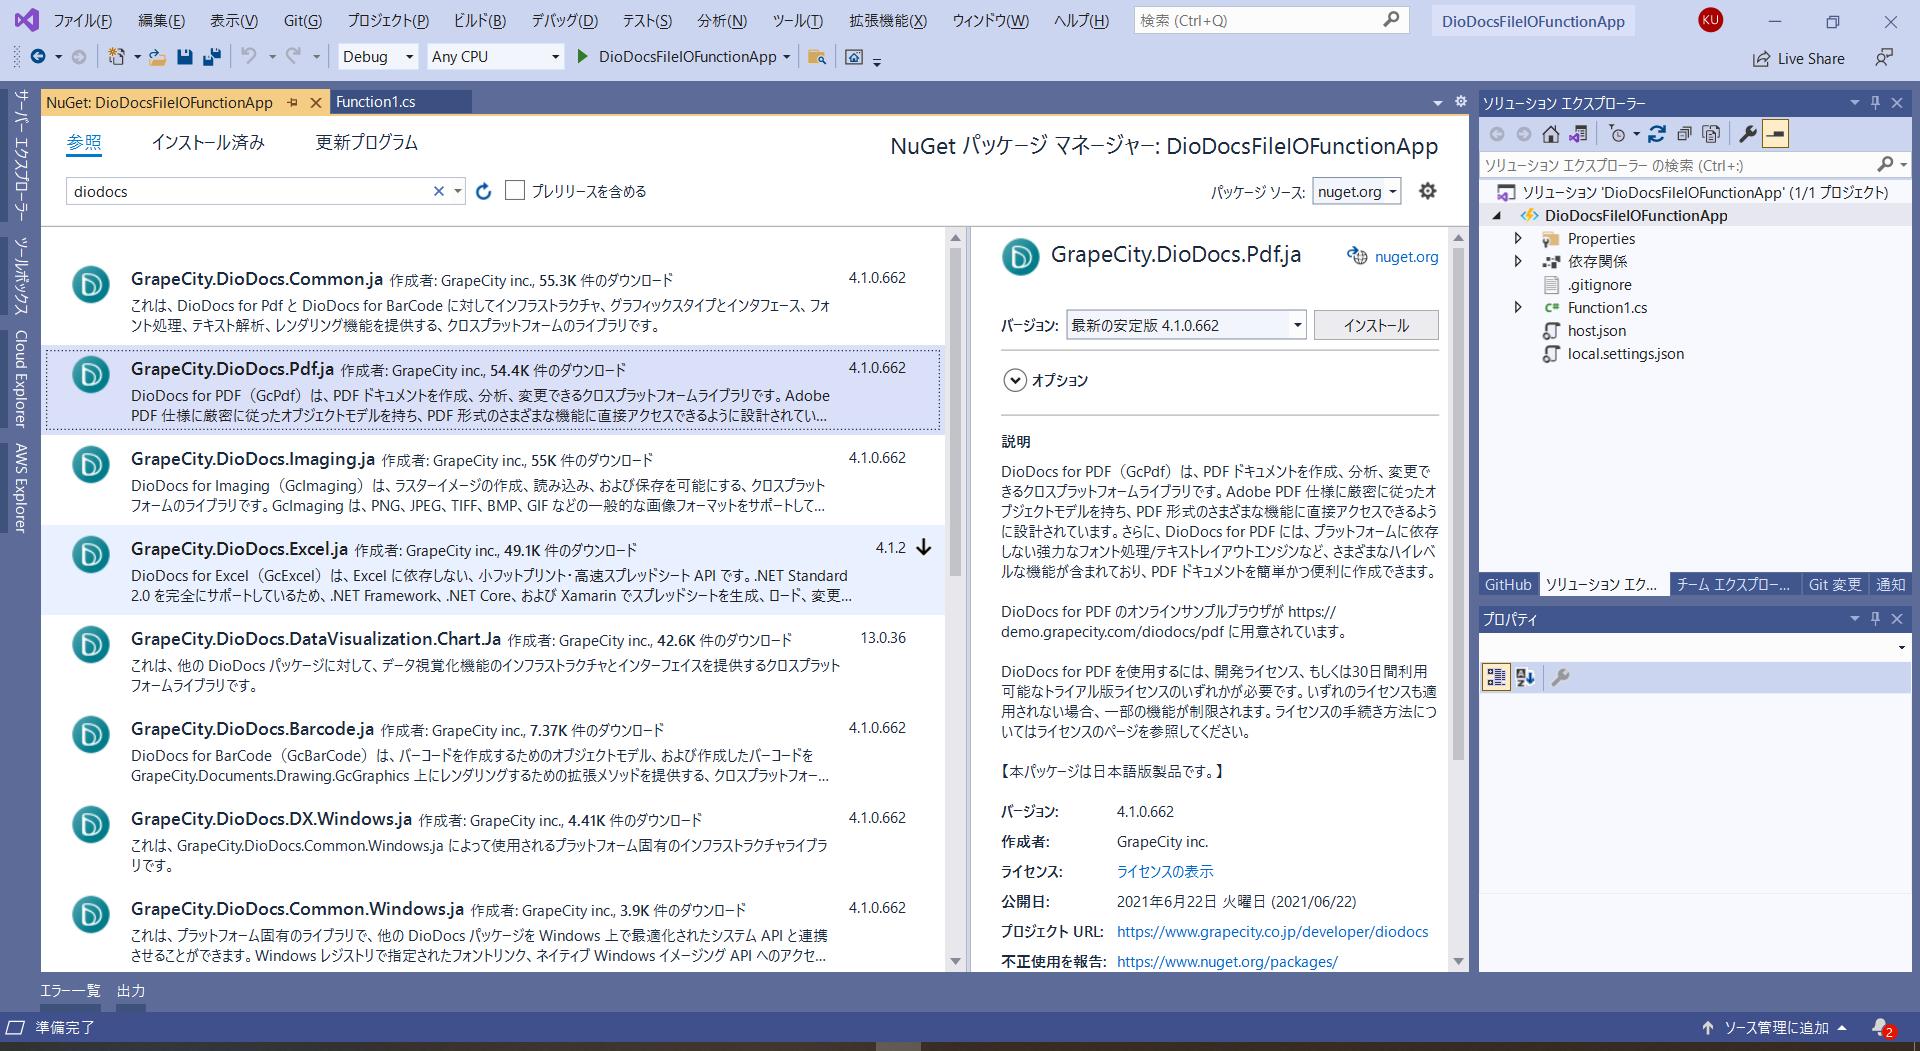 NuGetパッケージの追加(DioDocs)